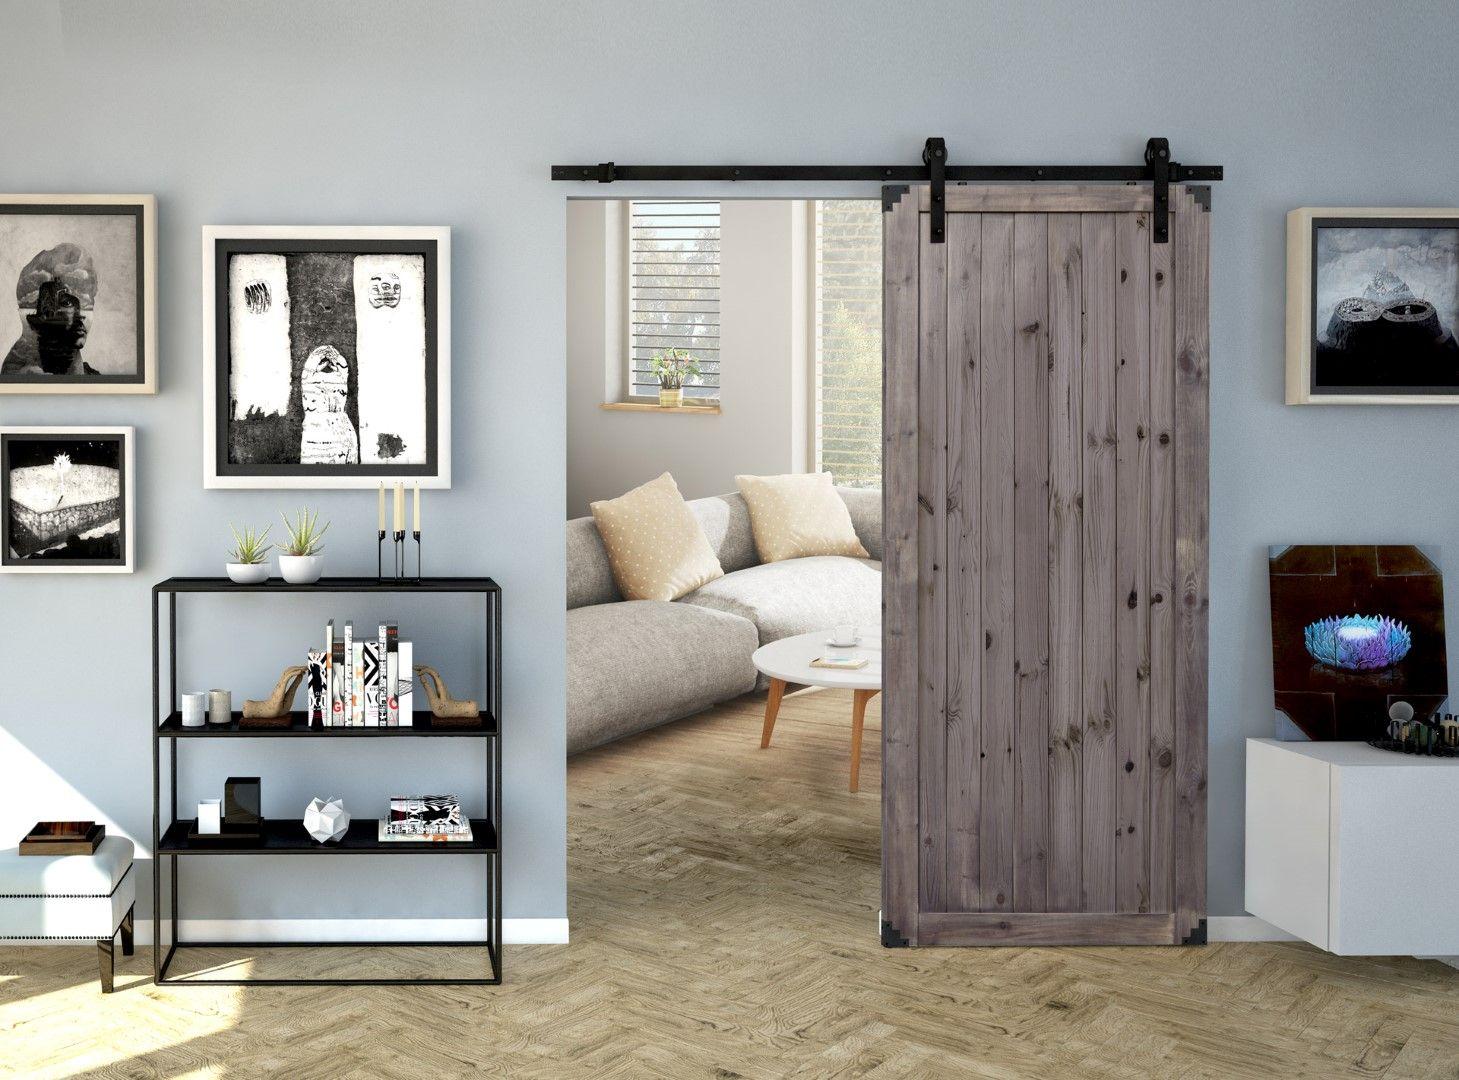 Drzwi do loftów marki Radex. Fot. 4iQ